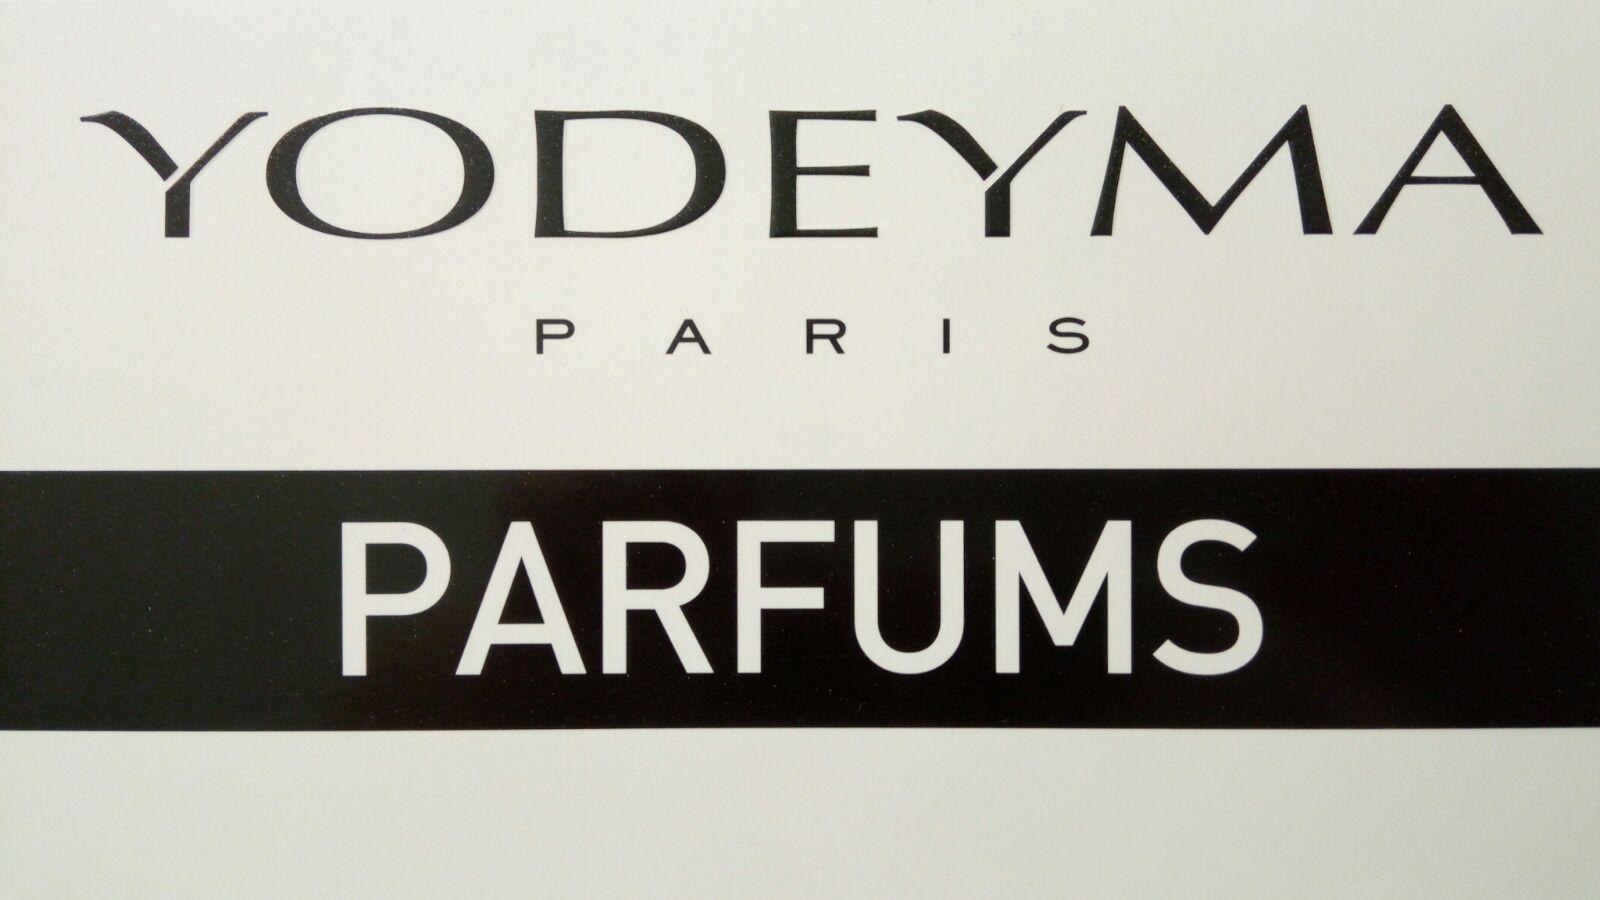 Parfumy Yodeyma